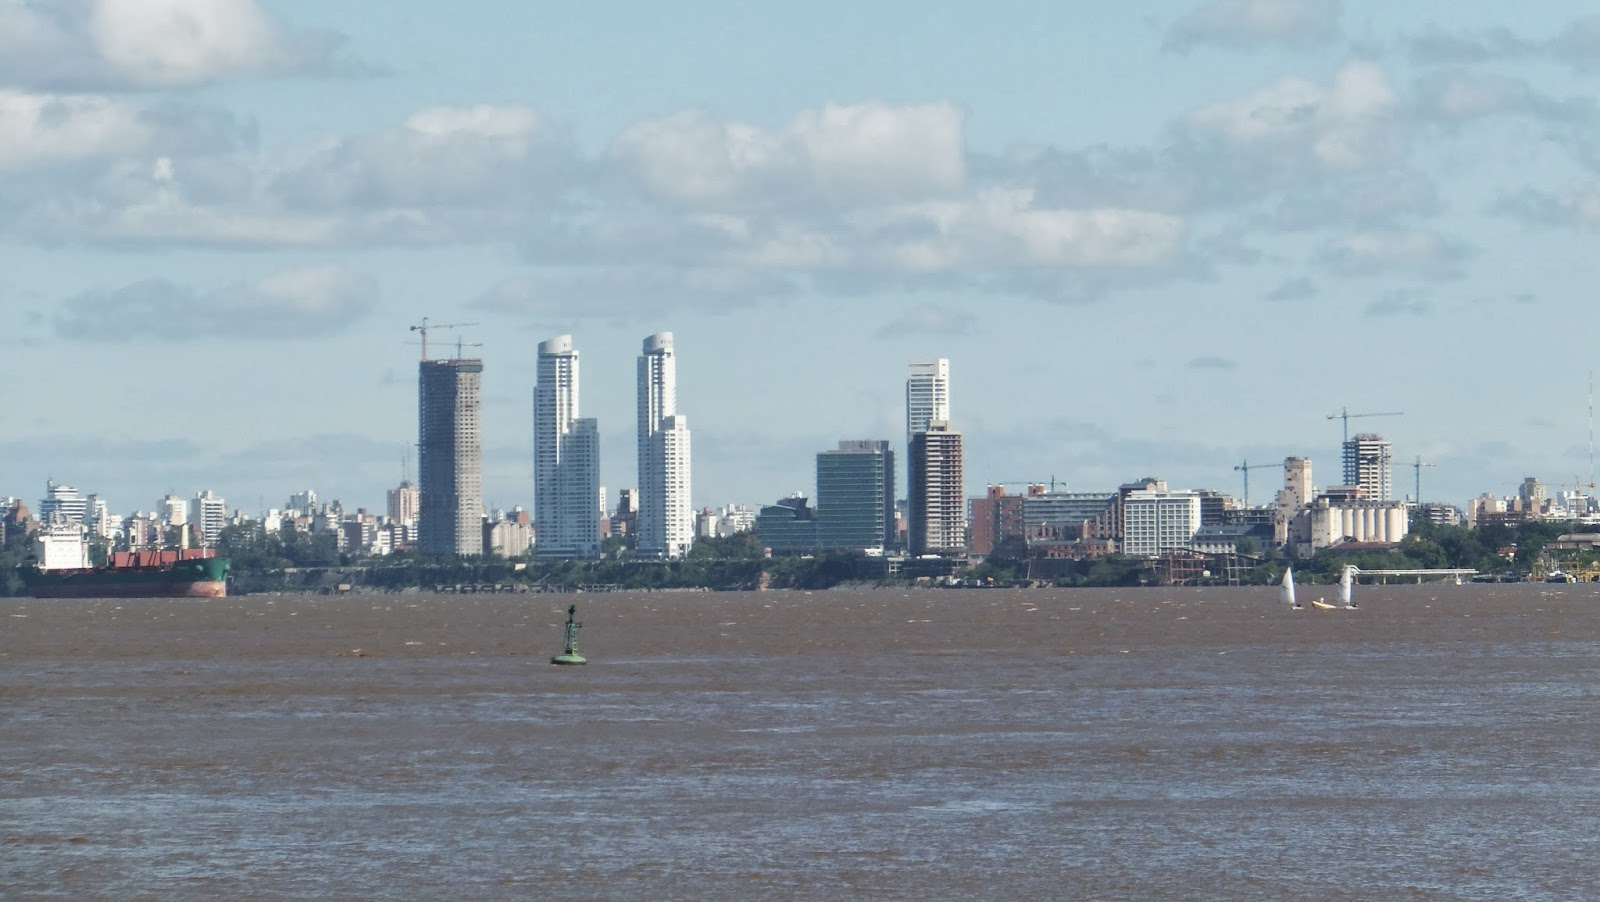 Costa Alta, Paseo del Caminante, Río Paraná, Rosario, Argentina, Elisa N, Blog de Viajes, Lifestyle, Travel